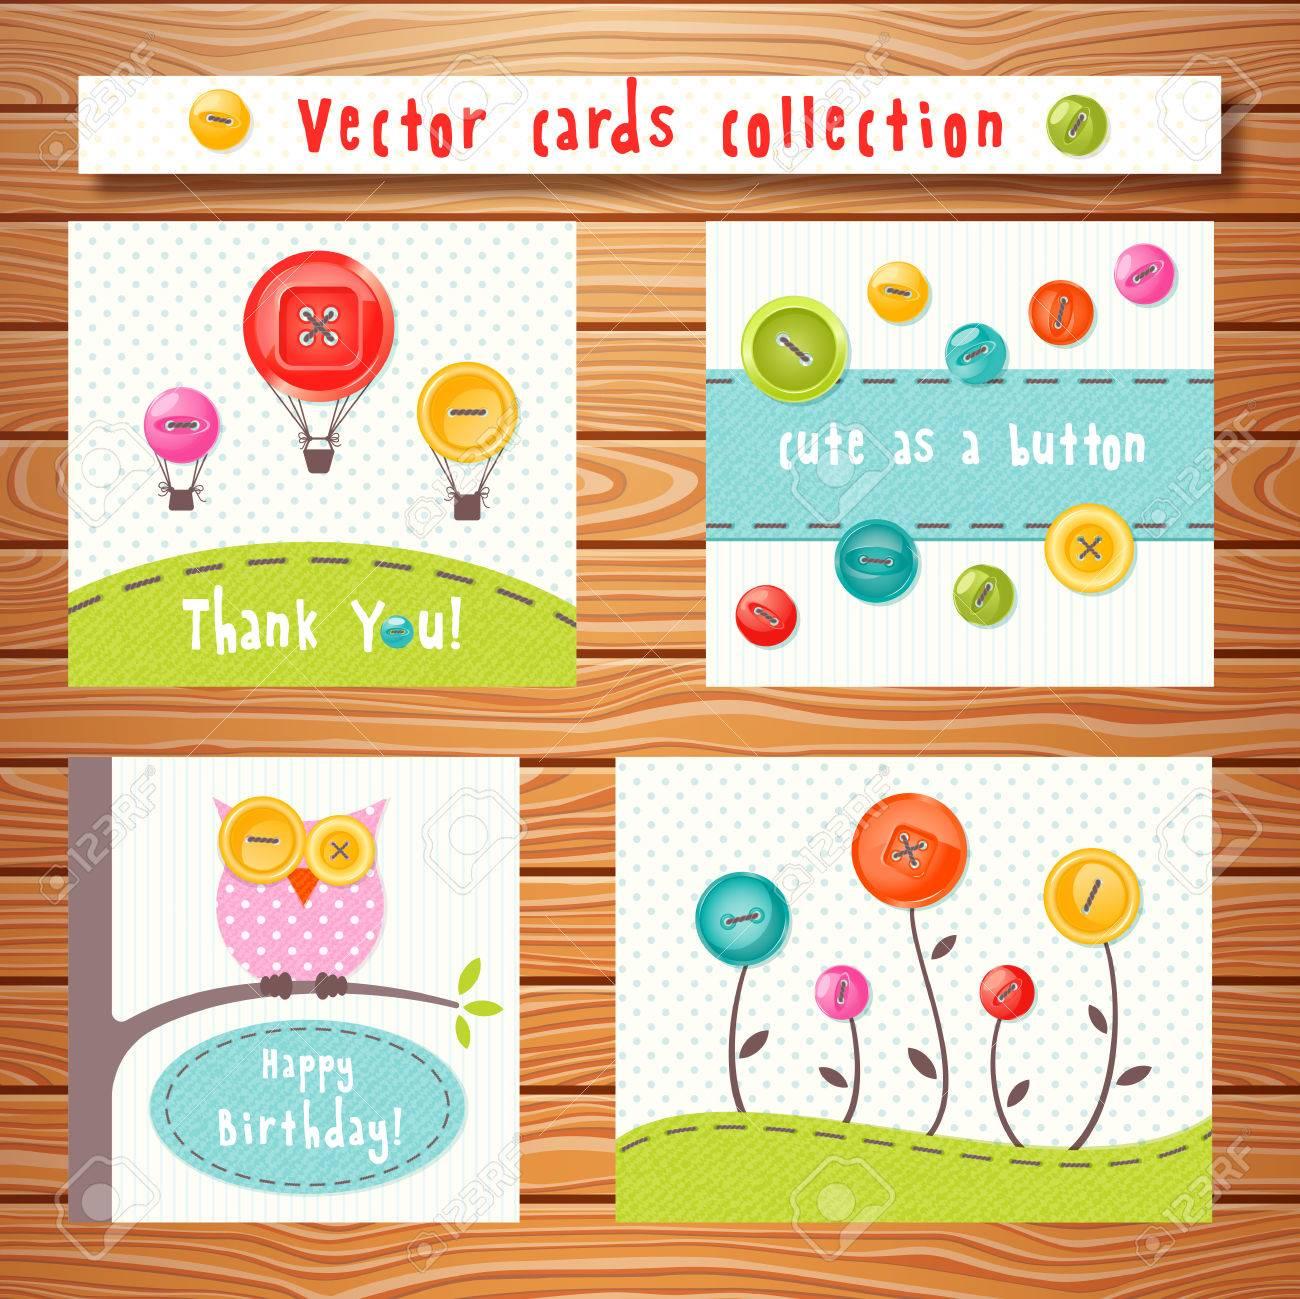 Vector Tarjetas De Colección Con Botones Lindos Colores Sobre Fondo ...